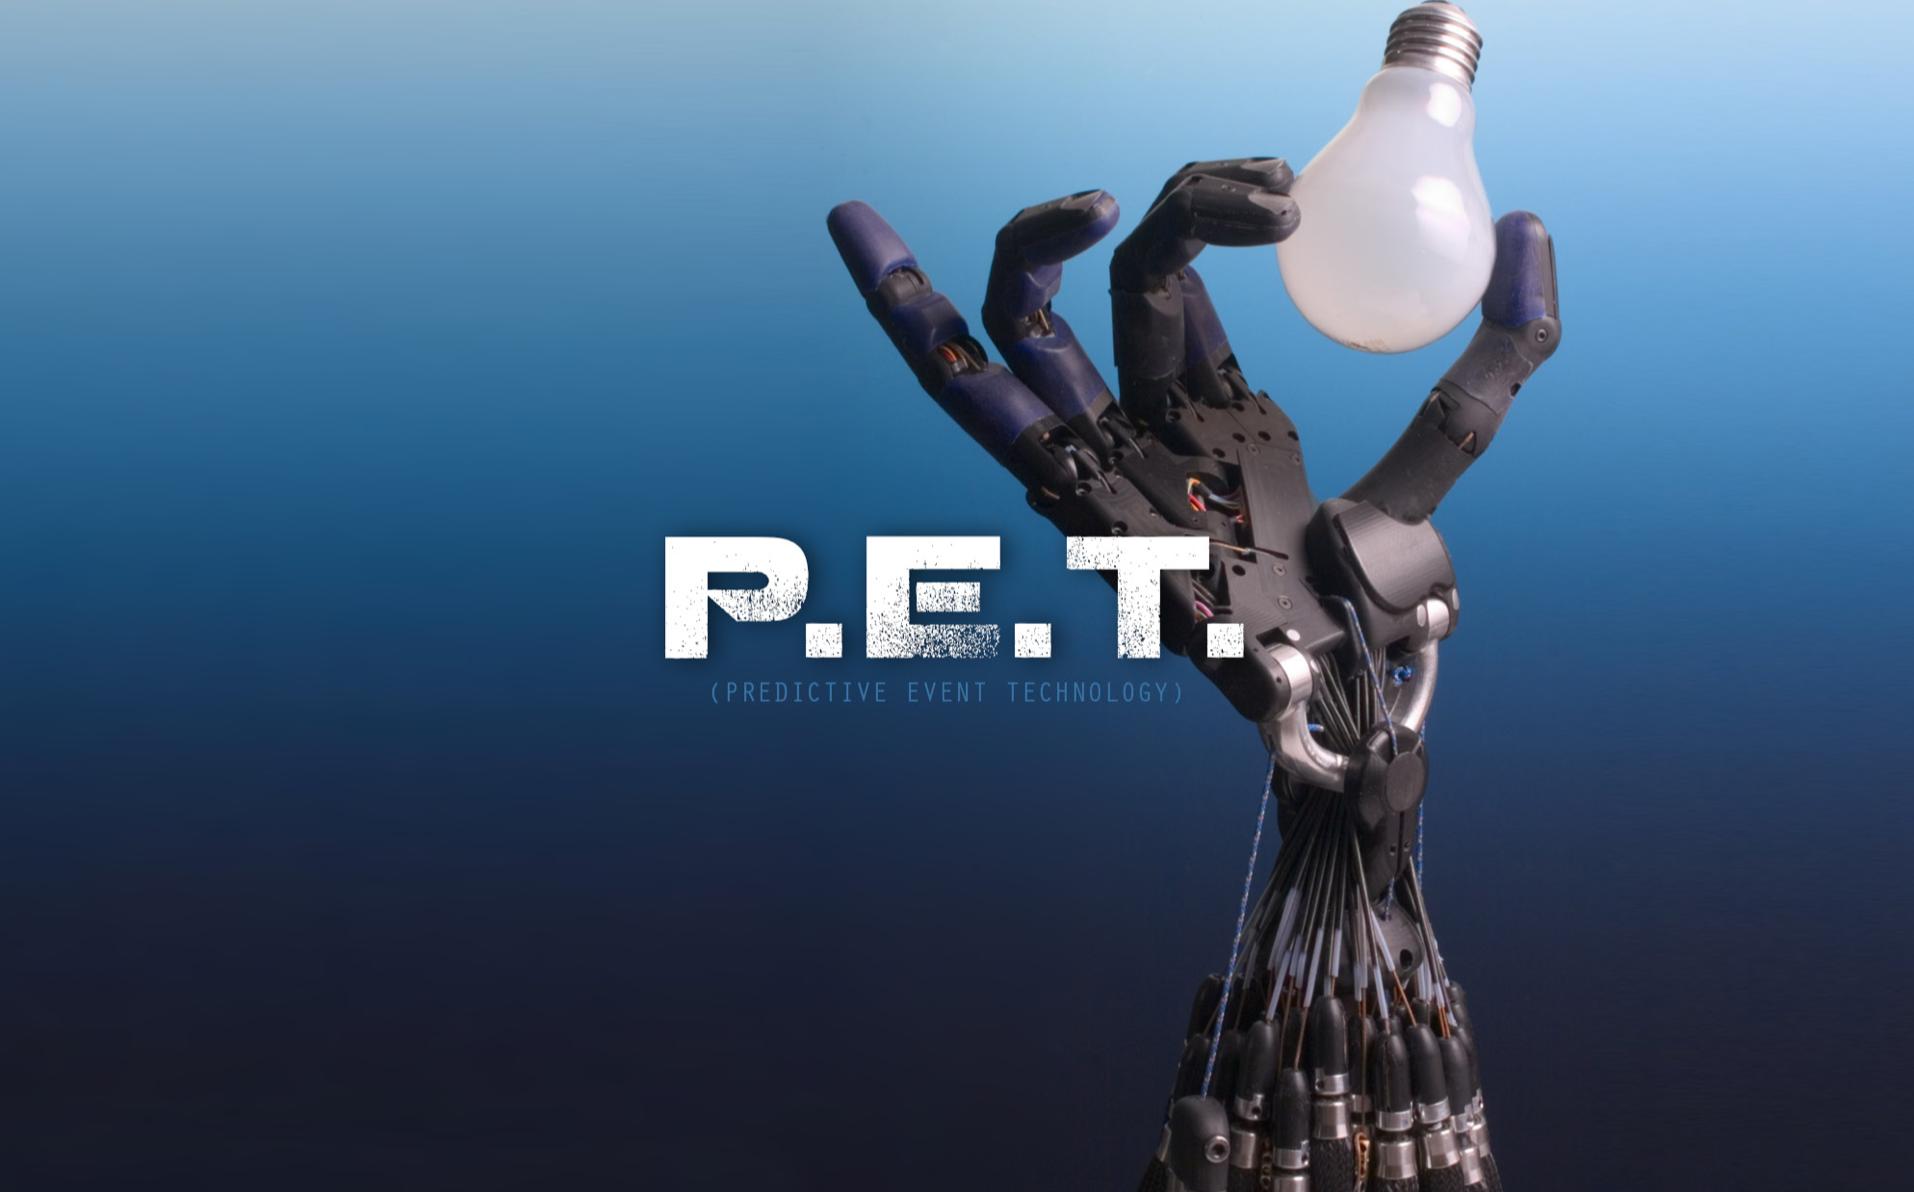 THE P.E.T. PROJECT